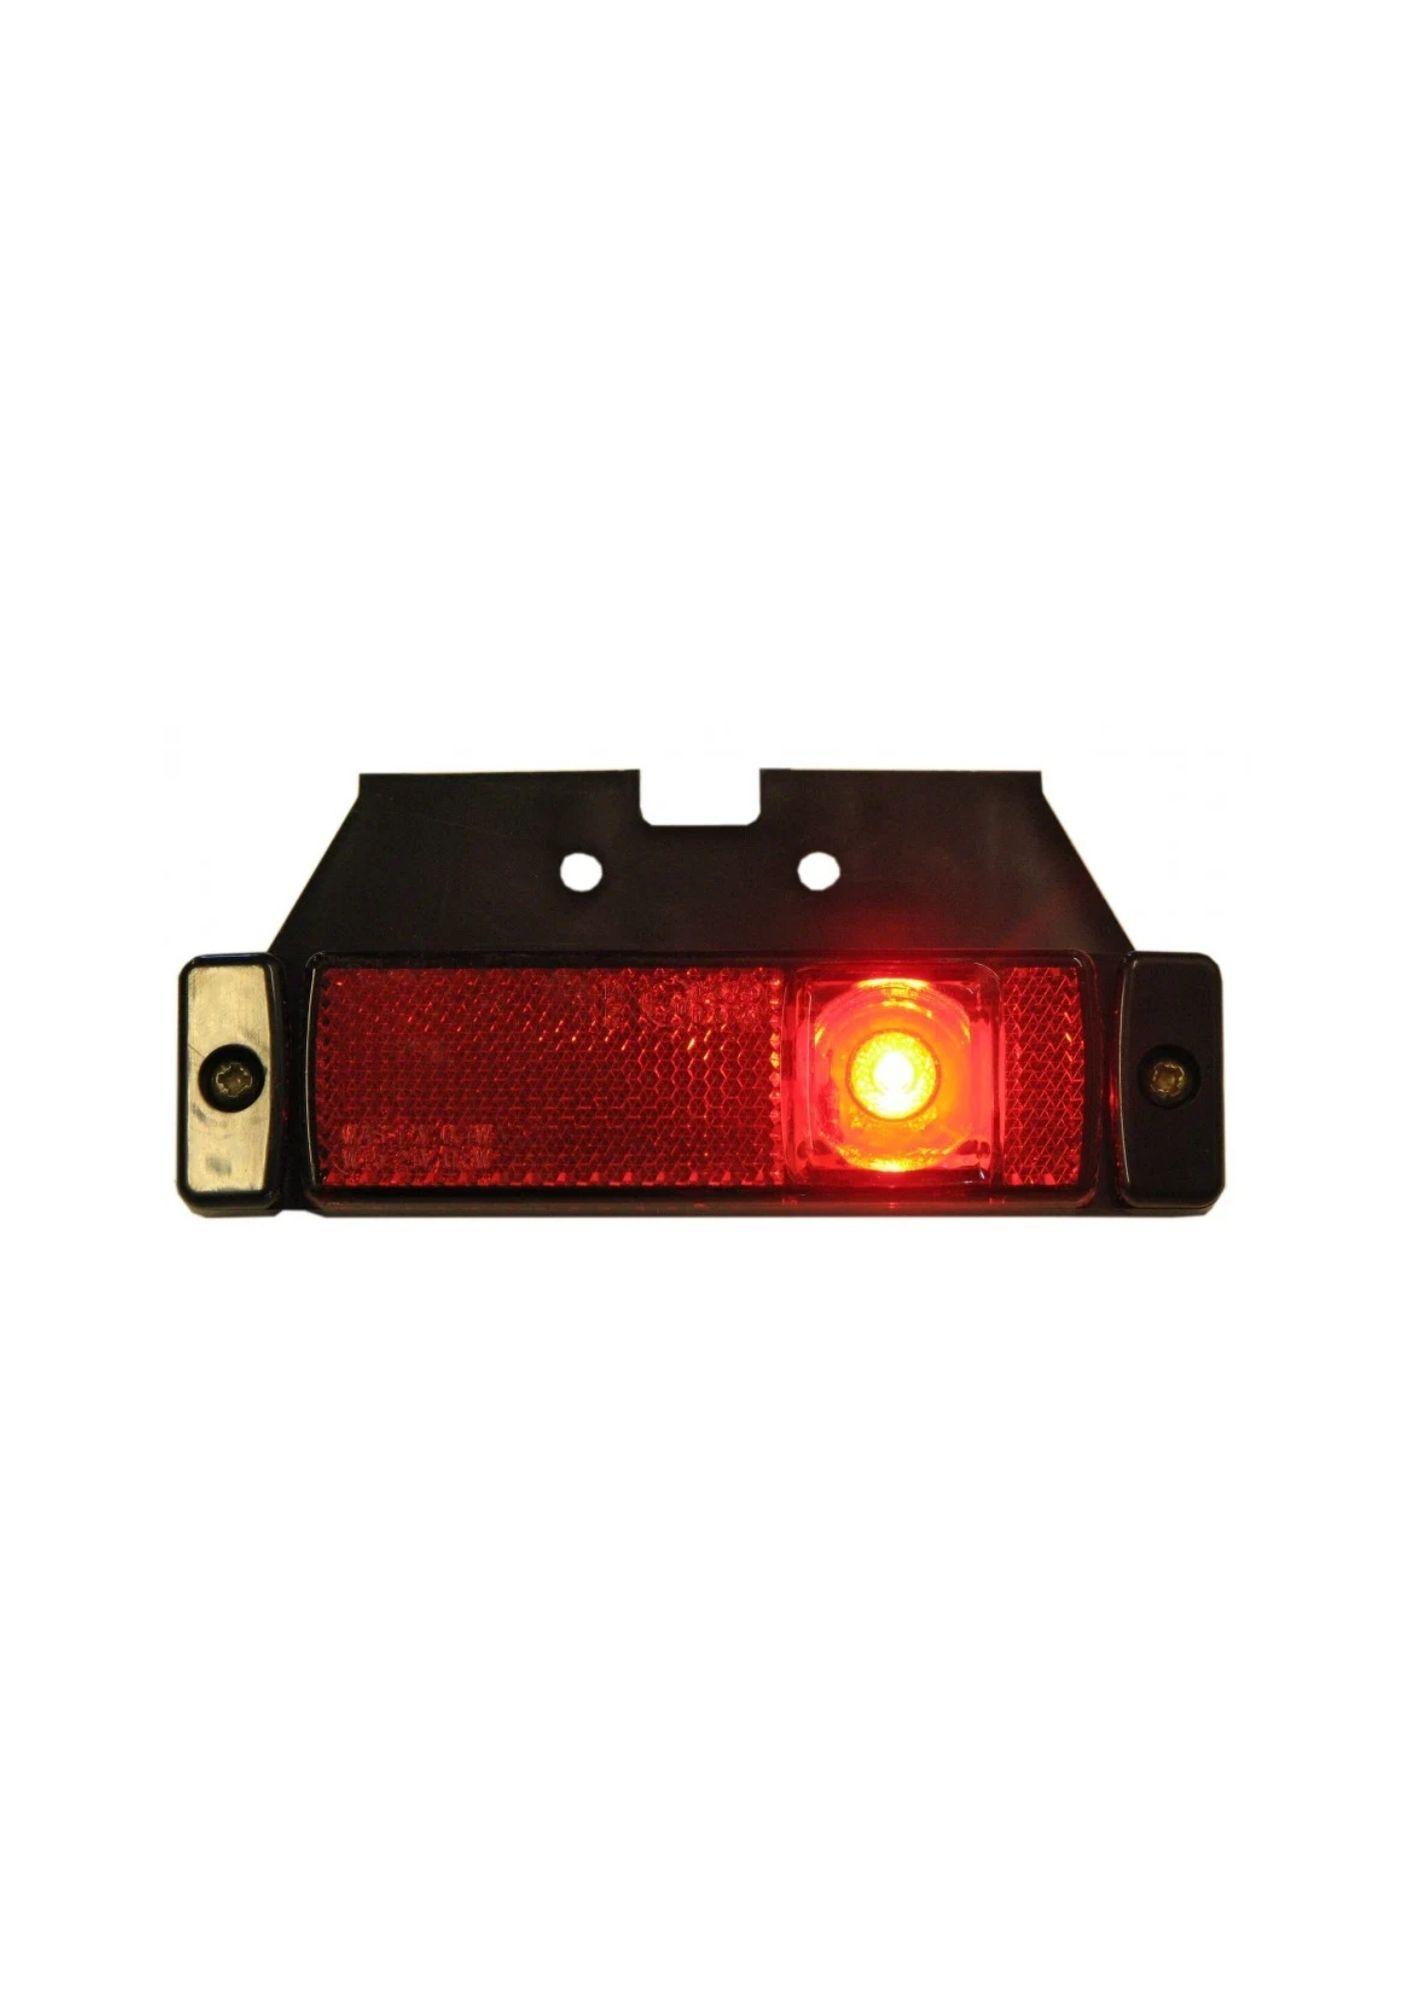 Strands Positionsljus LED Röd 12-24V med fäste. E-märkt.